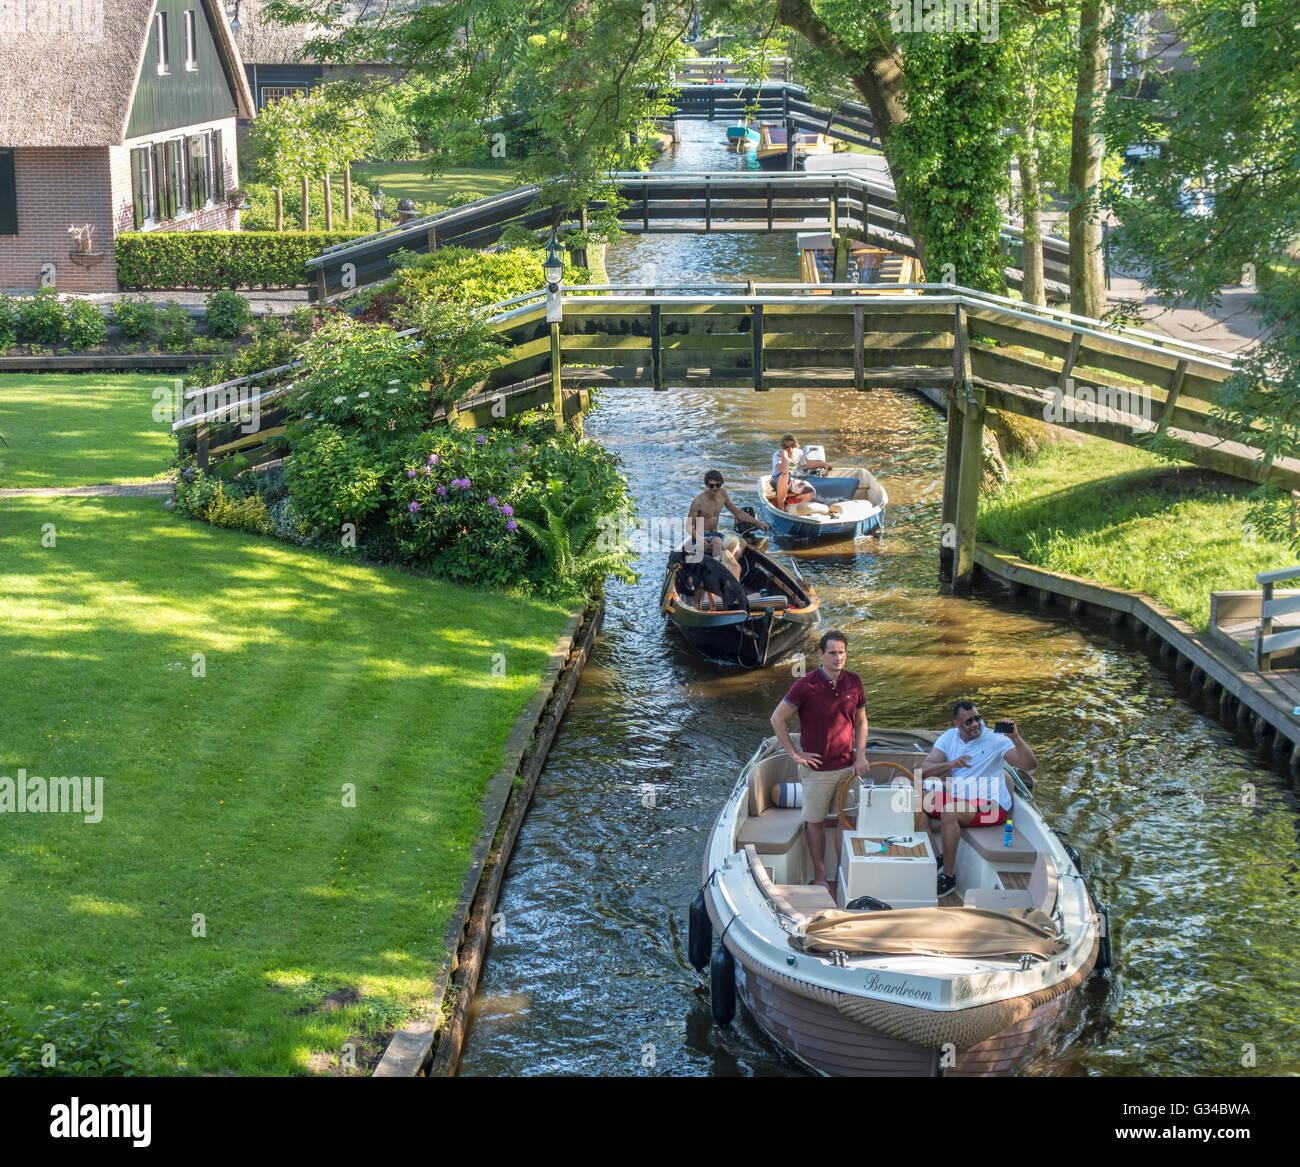 Giethoorn, Paesi Bassi. Barche in Dorpsgracht o canale di villaggio con case coloniche convertito su isole con ponti di privato. Foto Stock